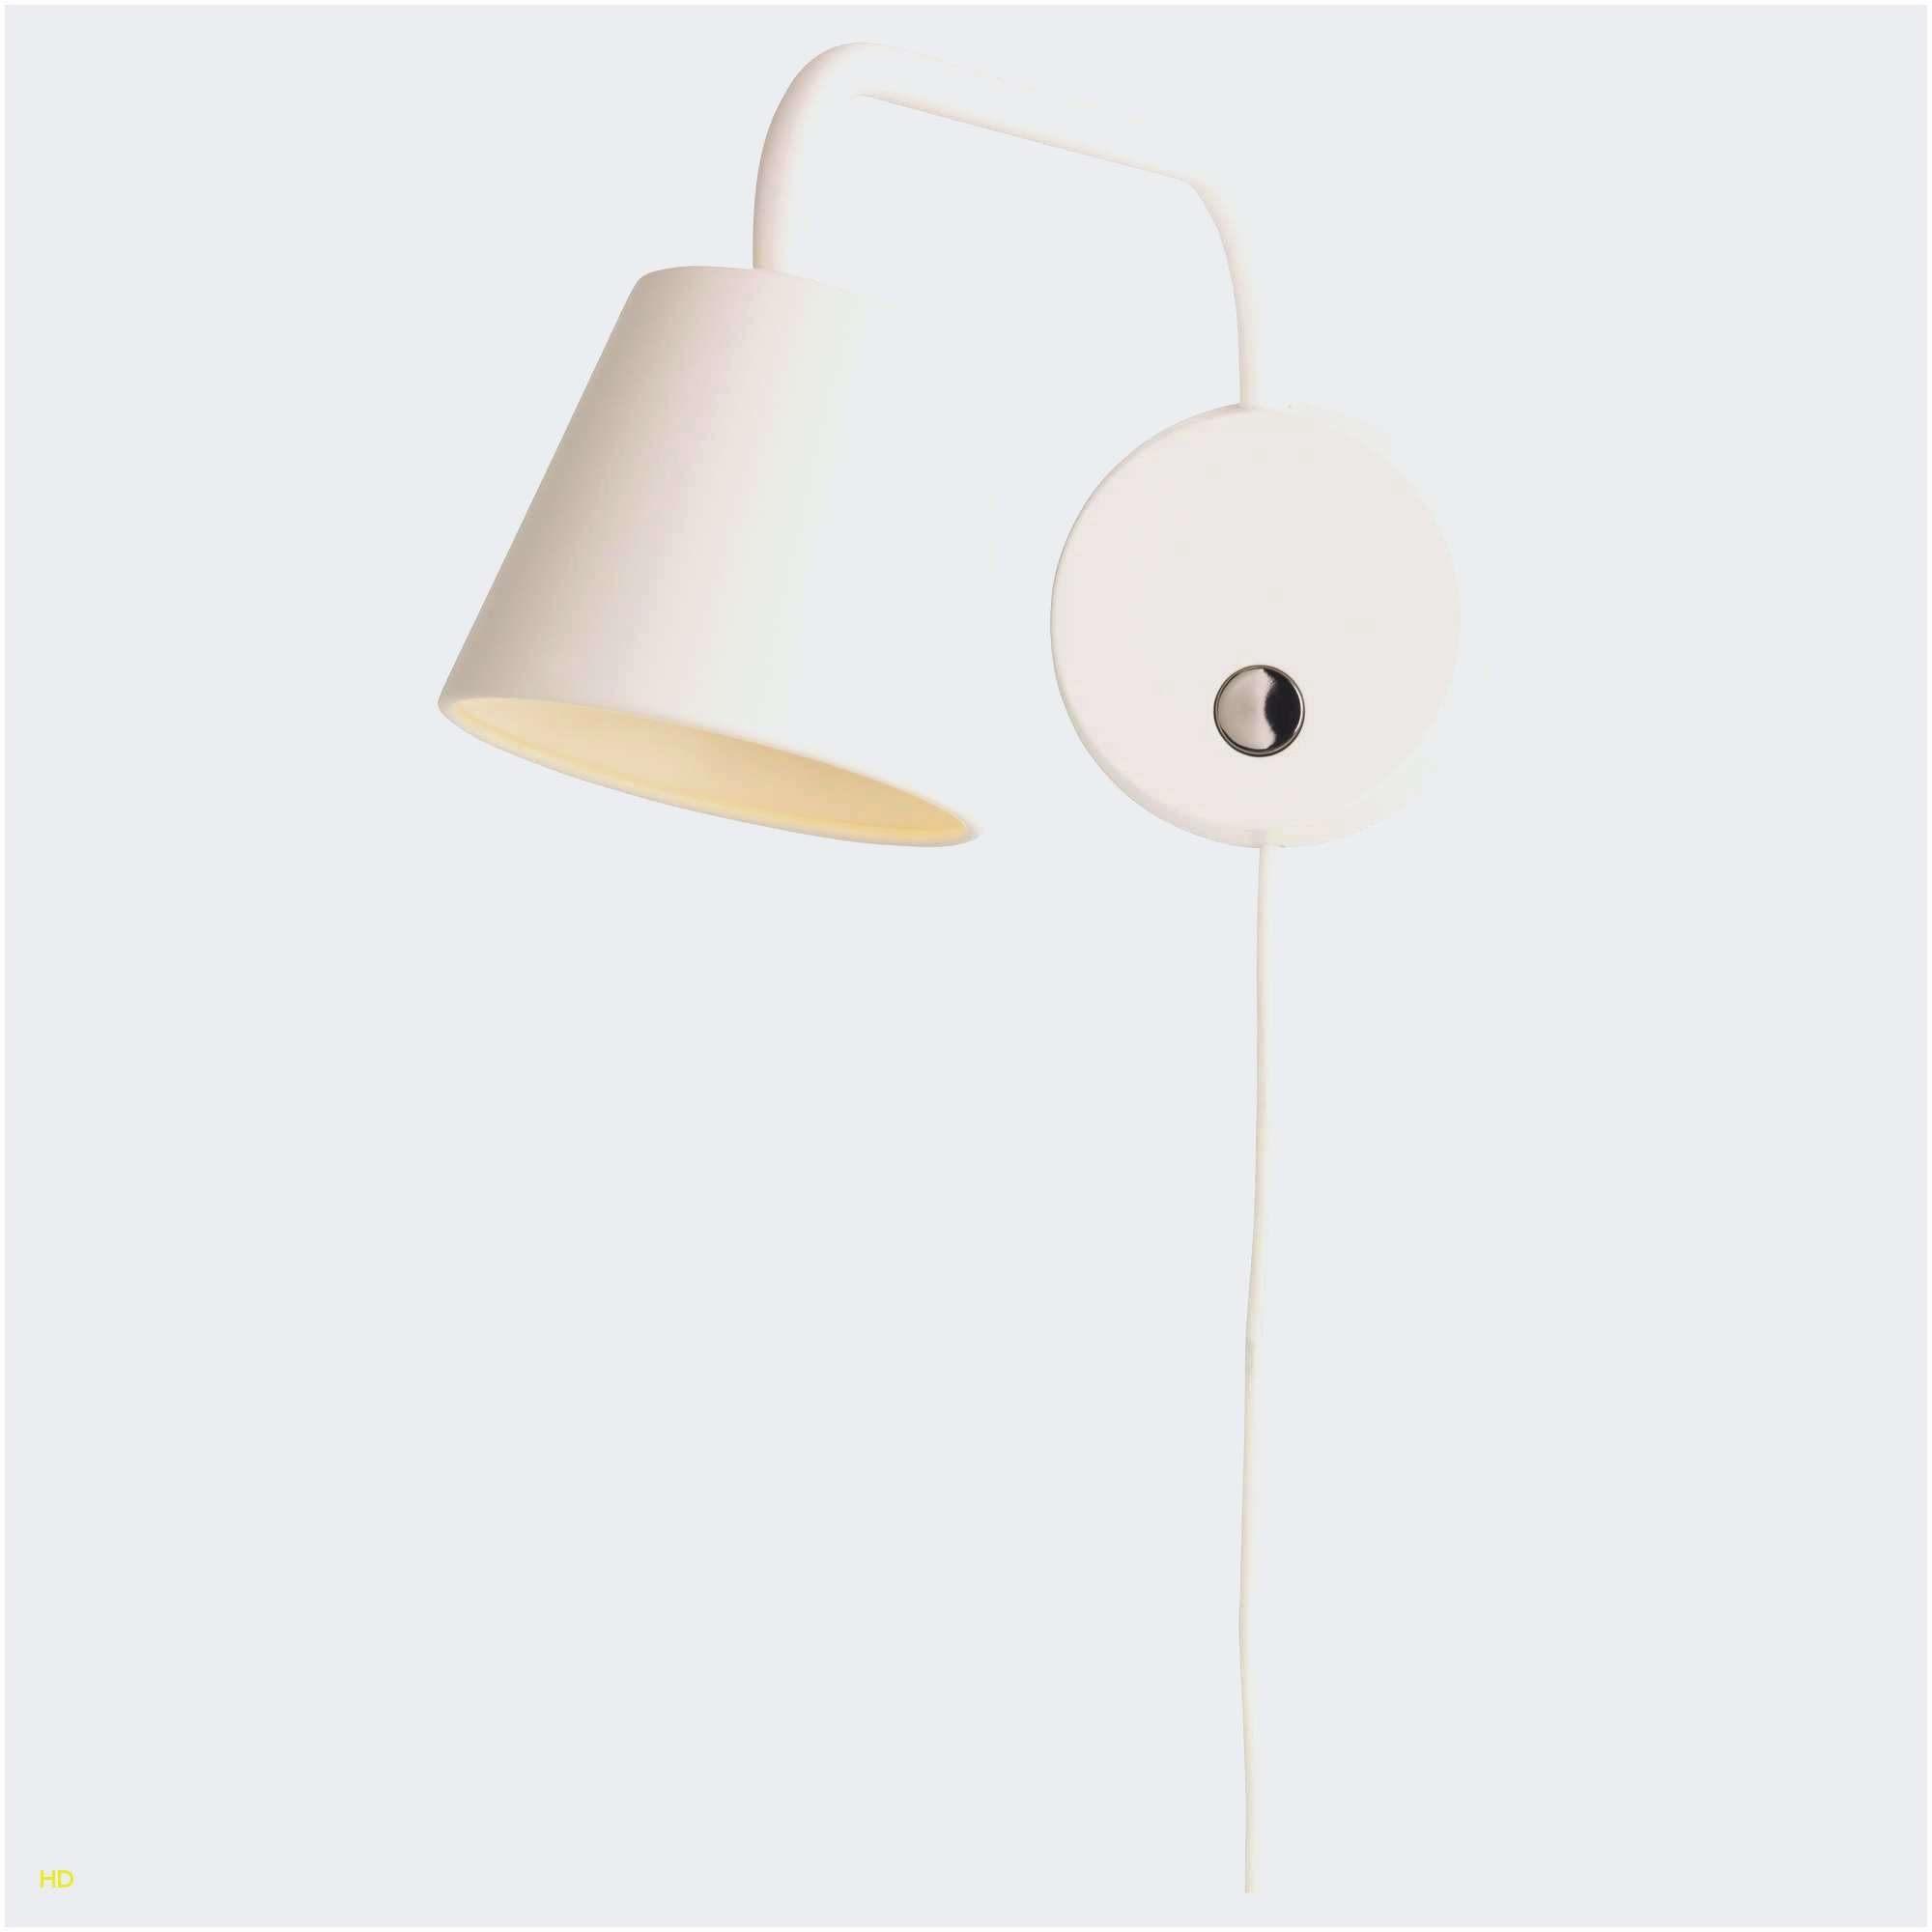 Lit Voiture Ikea Beau Impressionnant 21 élégant S De Lampe Architecte Ikea Pour Choix